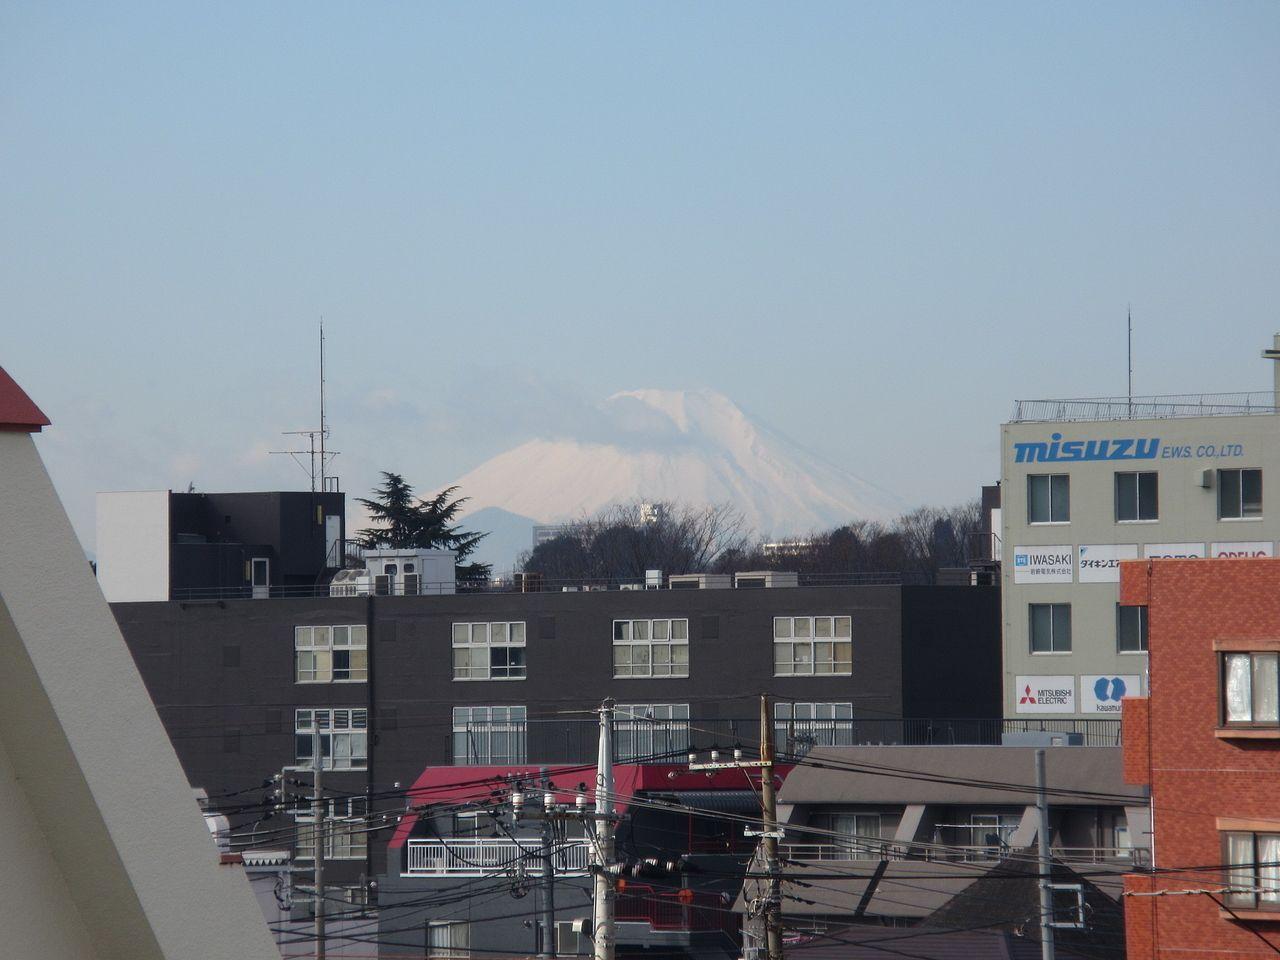 天気の良い日には、南側のバルコニーから富士山が見えます